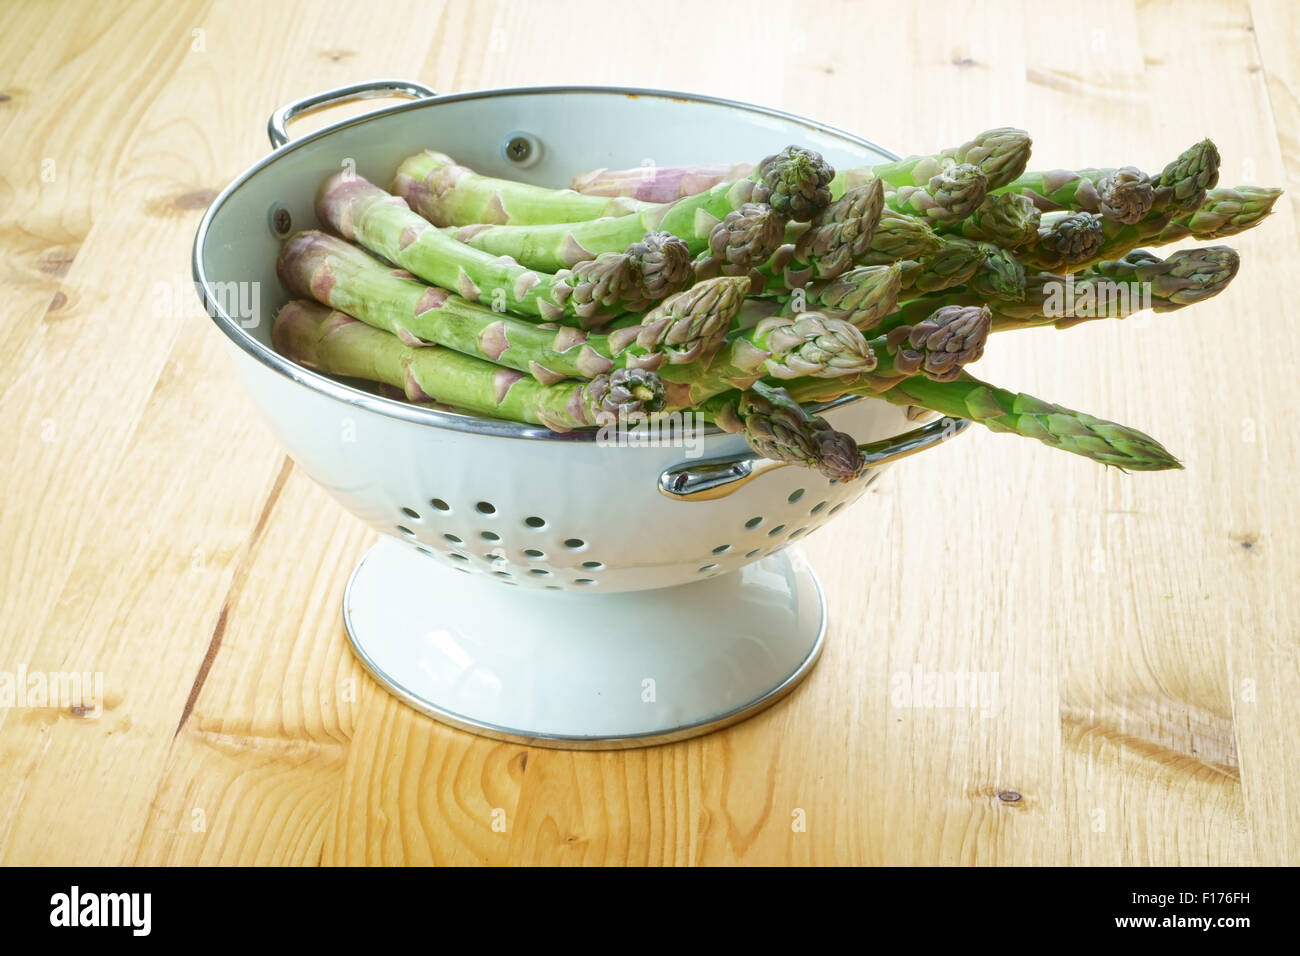 Les asperges vertes dans une passoire en émail blanc sur une table en bois rustique Banque D'Images